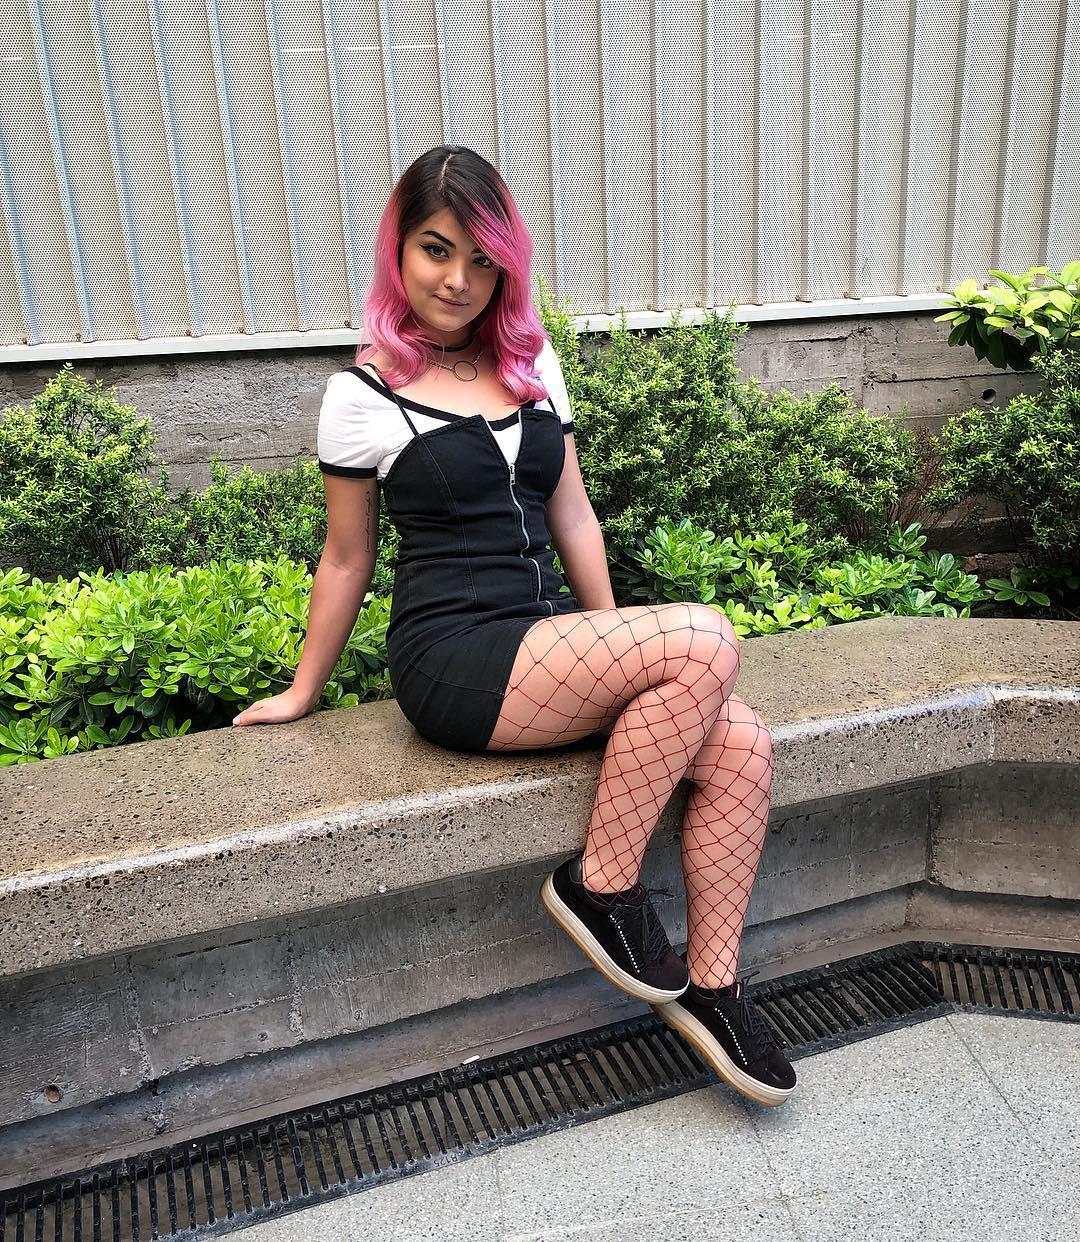 Profile dàn hot girl sẽ cùng streamer Misthy khuấy đảo All Star 2018 - Ảnh 21.